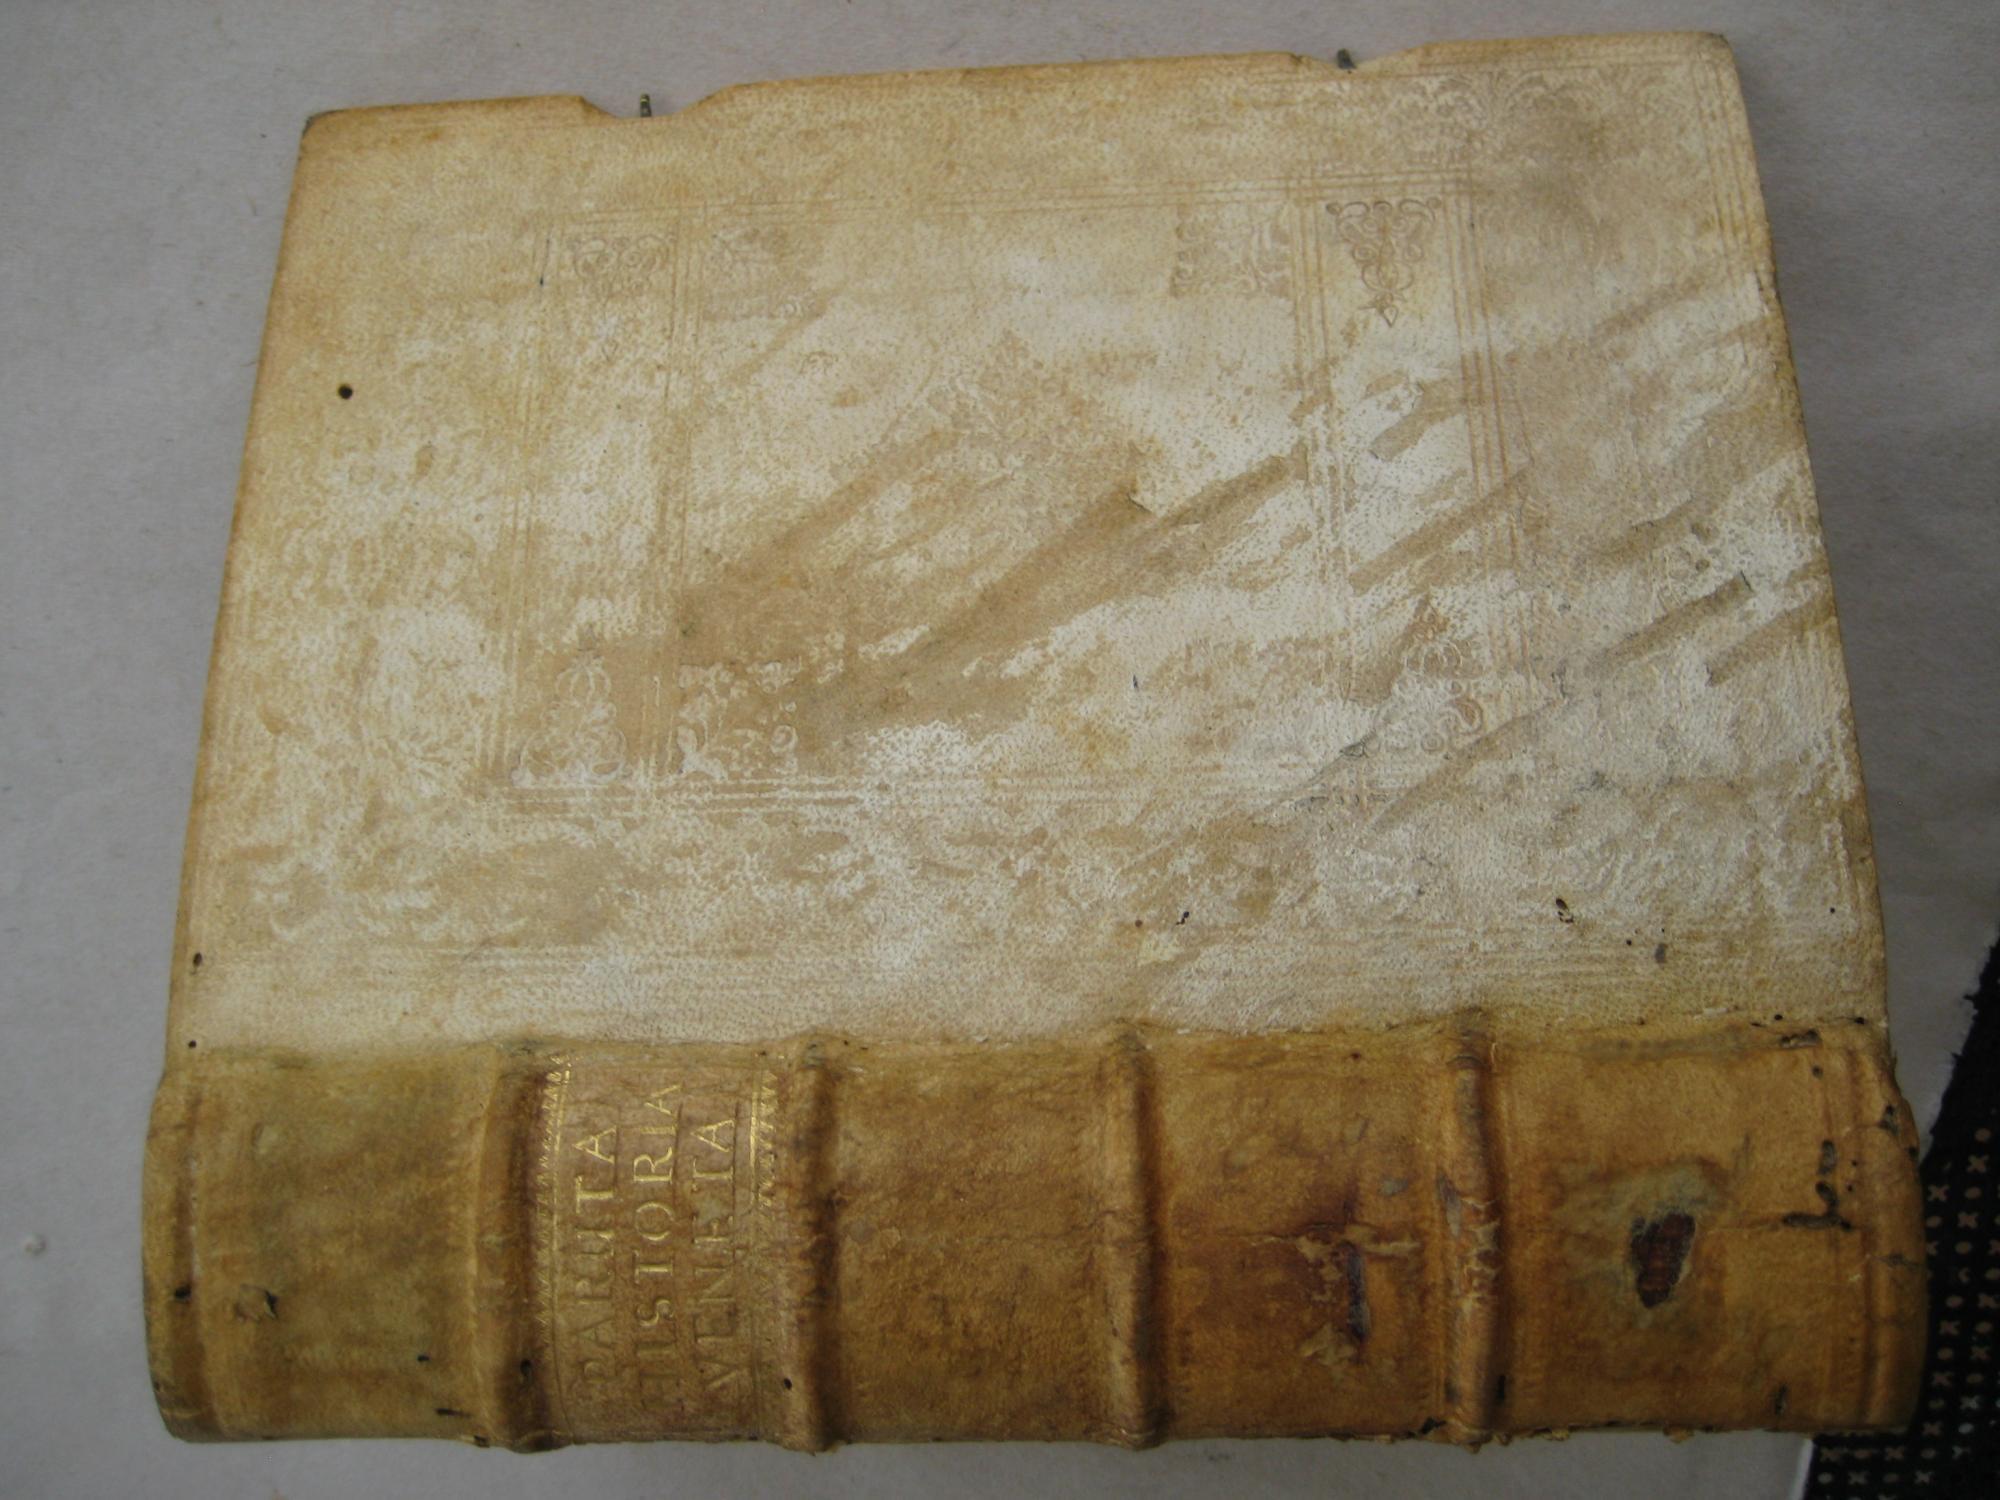 Vialibri ~ (100).....rare books from 1703